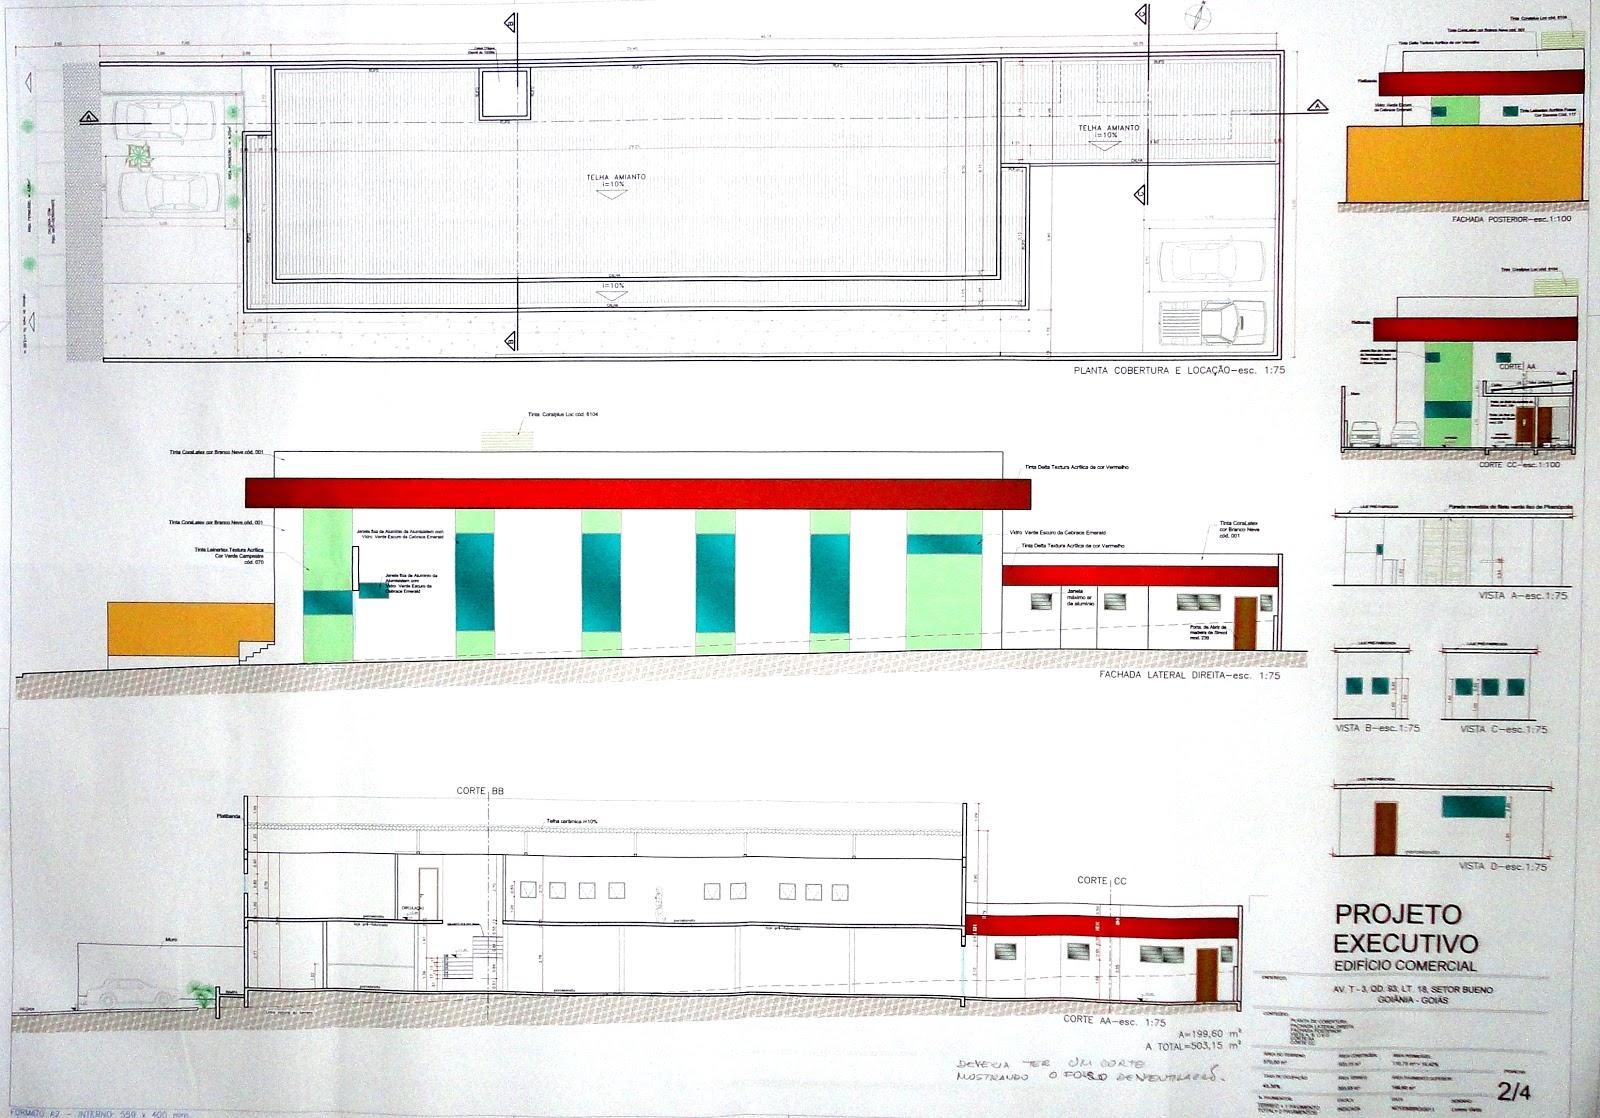 Urbanismo: Projeto Executivo de uma Arquitetura Comercial #CA0201 1600 1118